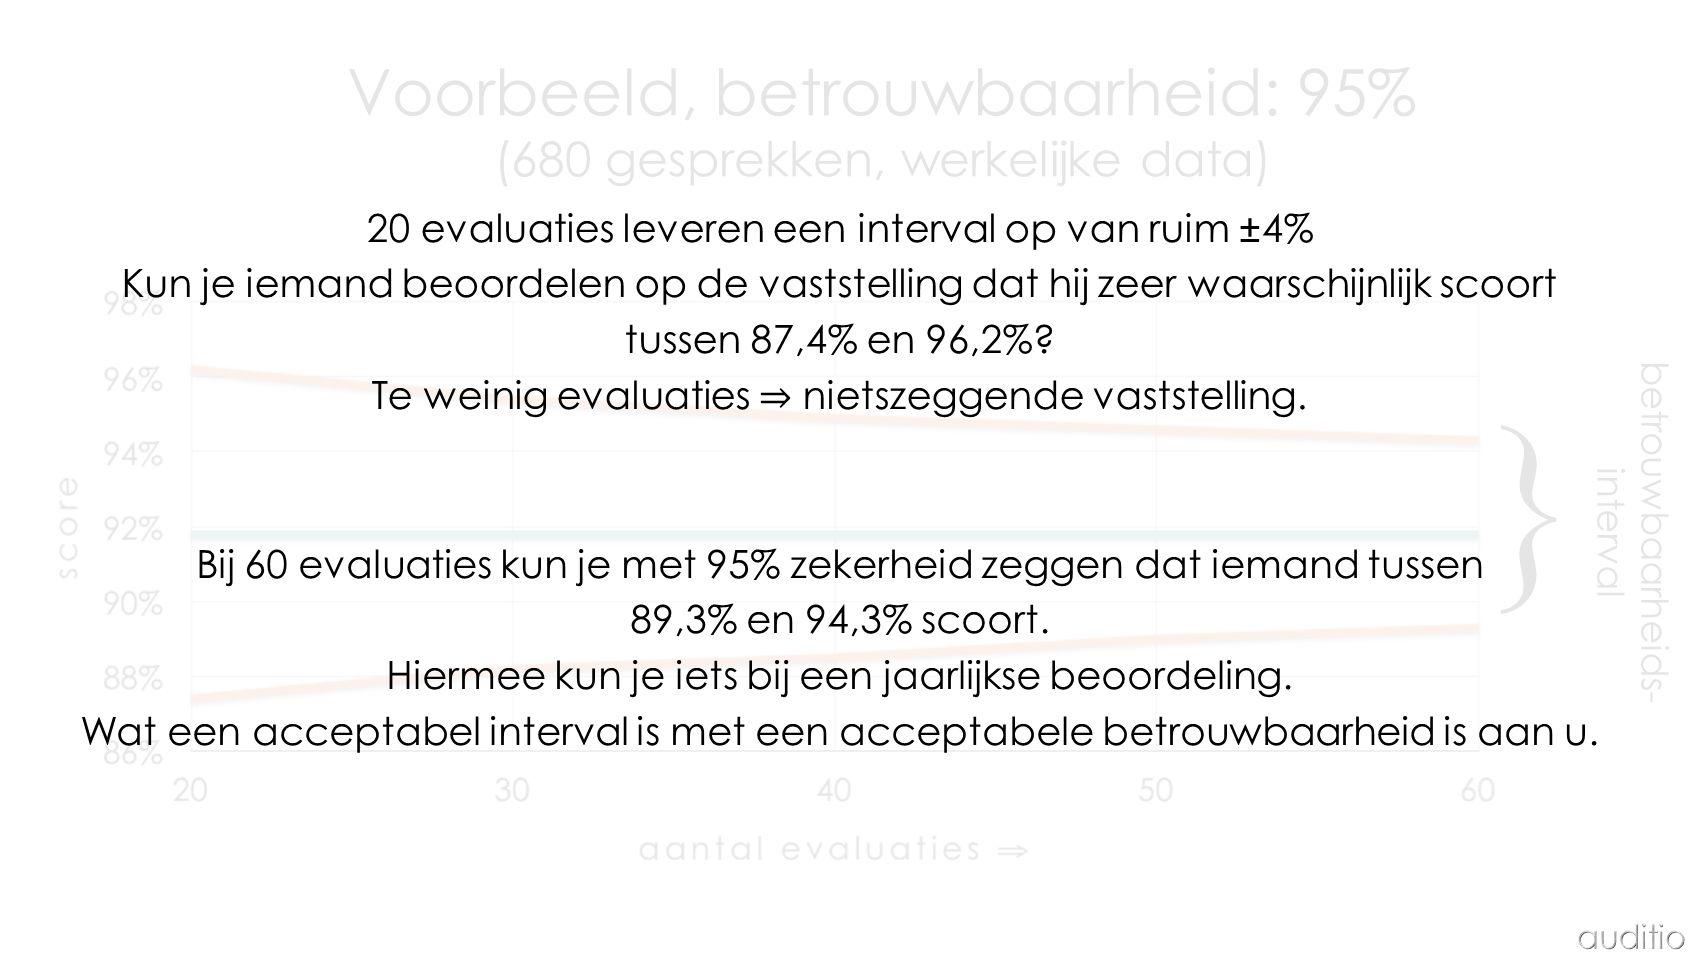 } Voorbeeld, betrouwbaarheid: 95% (680 gesprekken, werkelijke data)